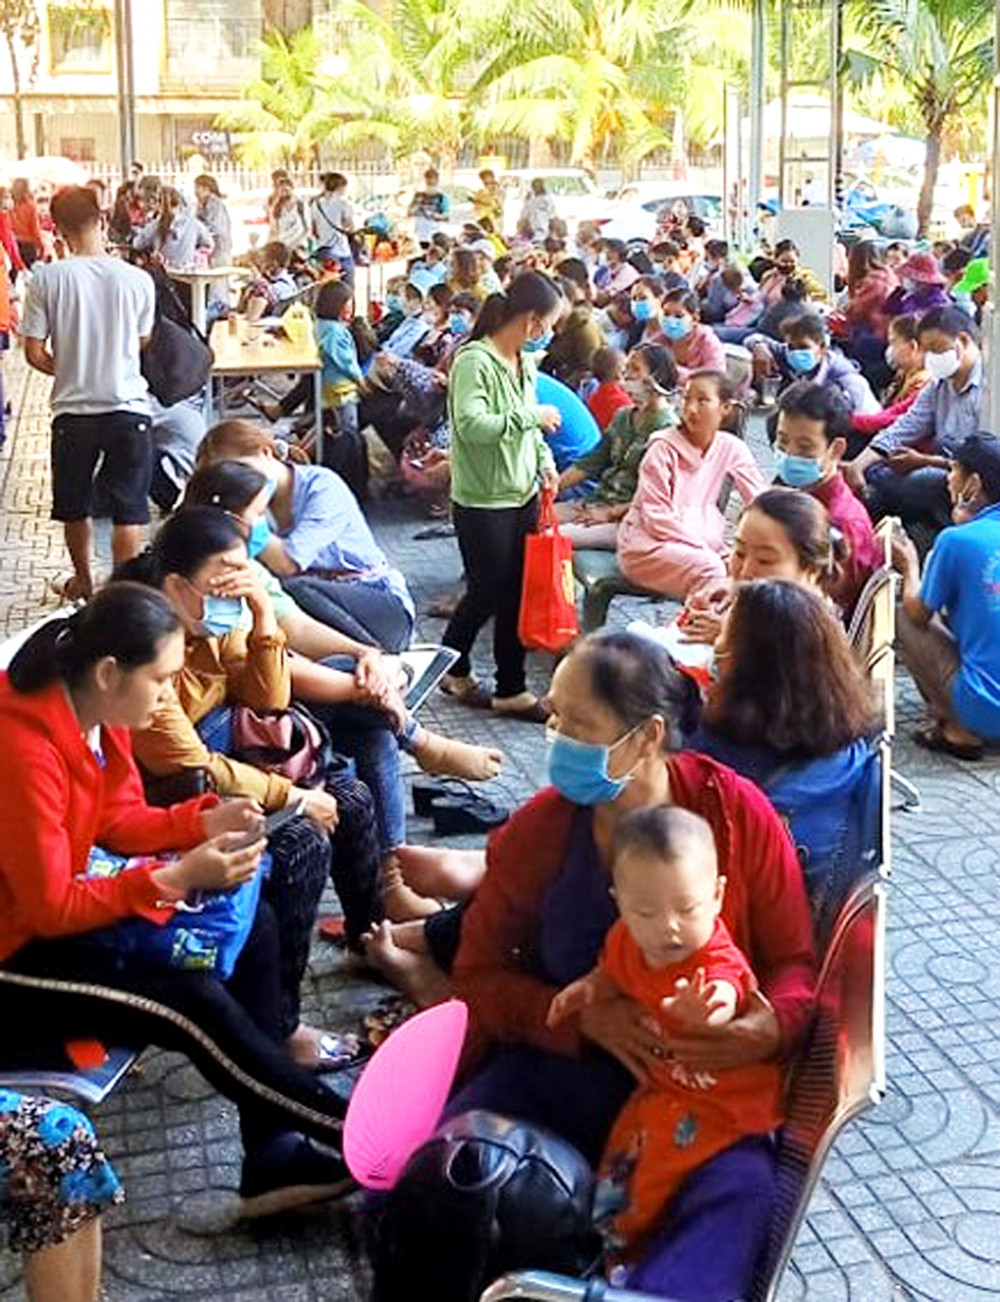 Cảnh thân nhân và bệnh nhân chờ khám đông đúc ở Bệnh viện Nhi Đồng 2 (TP.HCM) những ngày trời trở lạnh - Ảnh: Thùy Dương